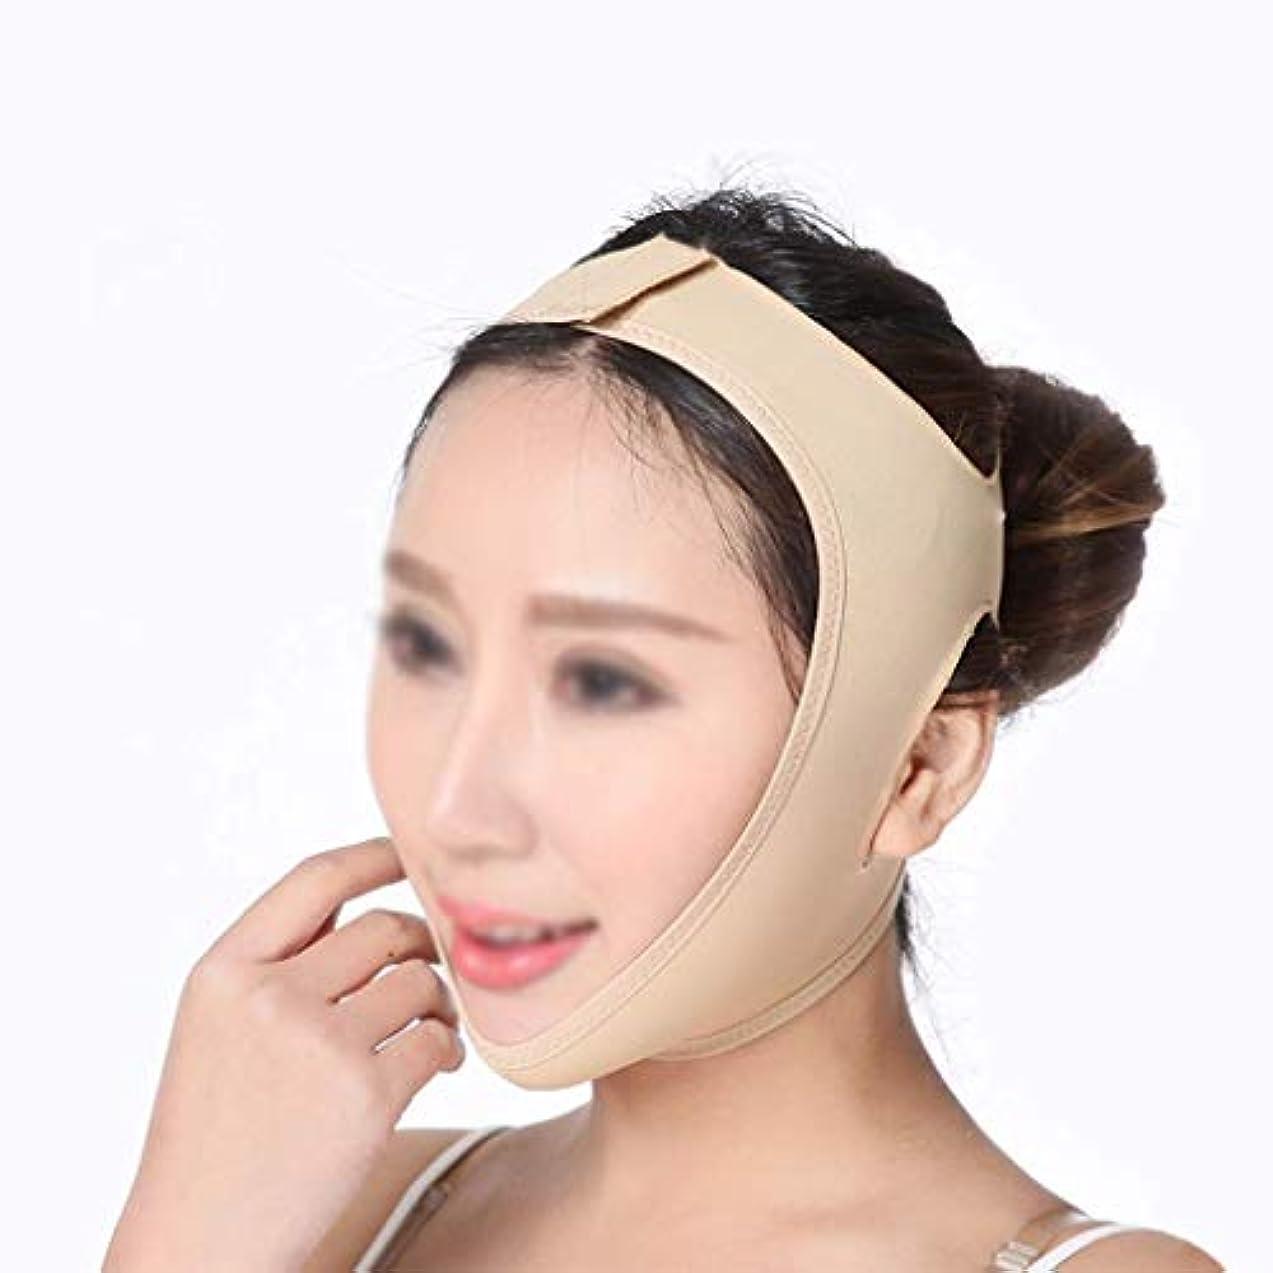 効能ある冷える裁量フェイシャルチークリフティングマスク、ダブルチンとフェイスを効果的に改善、フェイスリフト包帯、ダブルチンを減らす(サイズ:L),XL